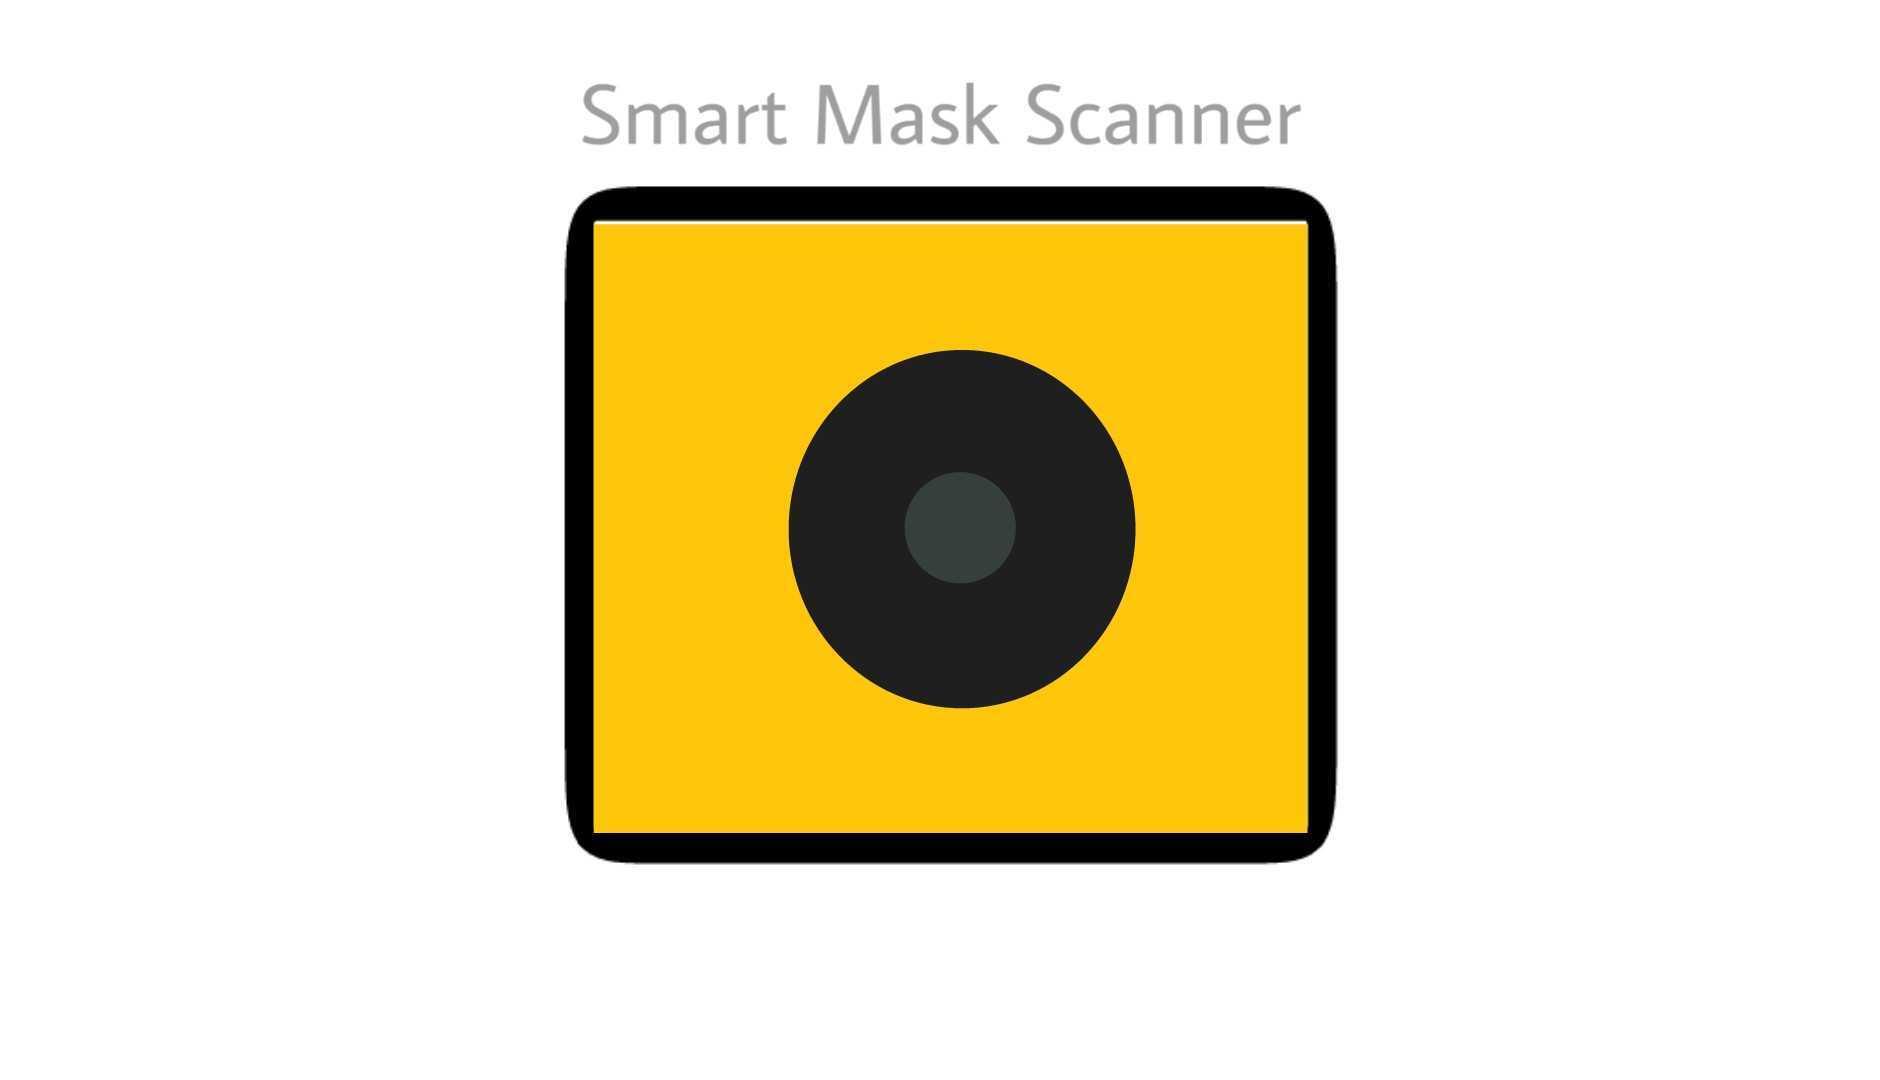 https://cloud-atulddwnj.vercel.app/0maskscanner.jpg